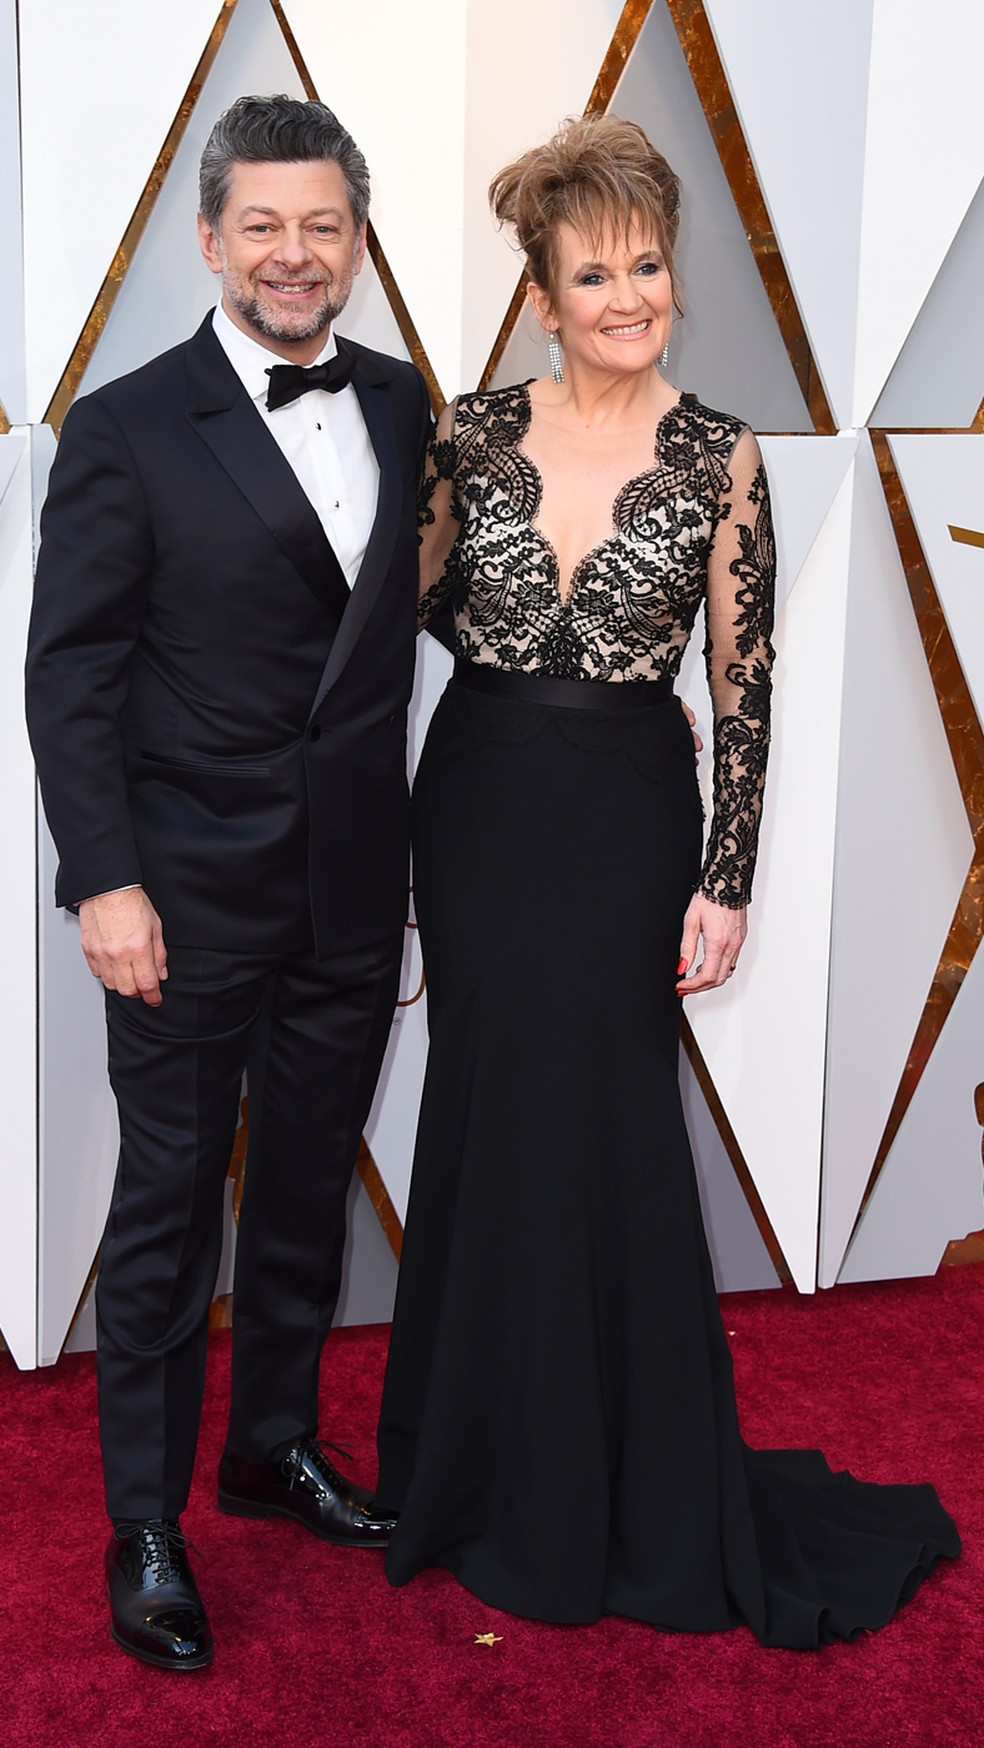 O ator Andy Serkis e Lorraine Ashbourne no tapete vermelho do Oscar 2018 (Foto: Jordan Strauss/Invision/AP)